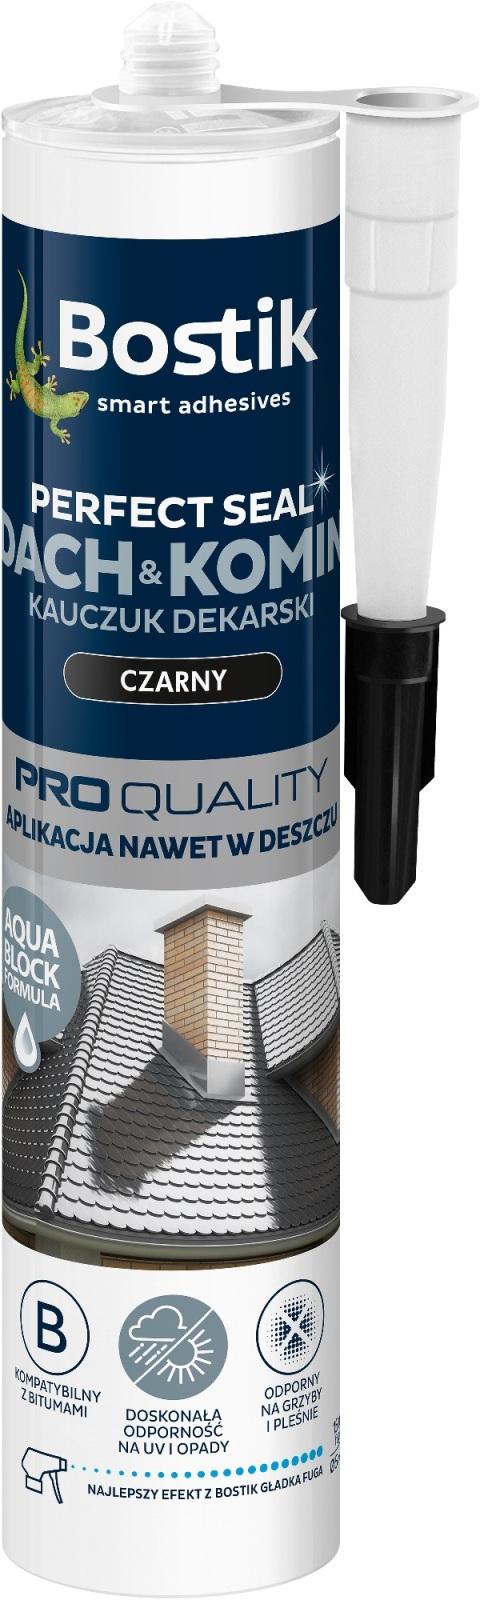 uszczelniacz-kauczukowy-perfect-seal-dach-komin